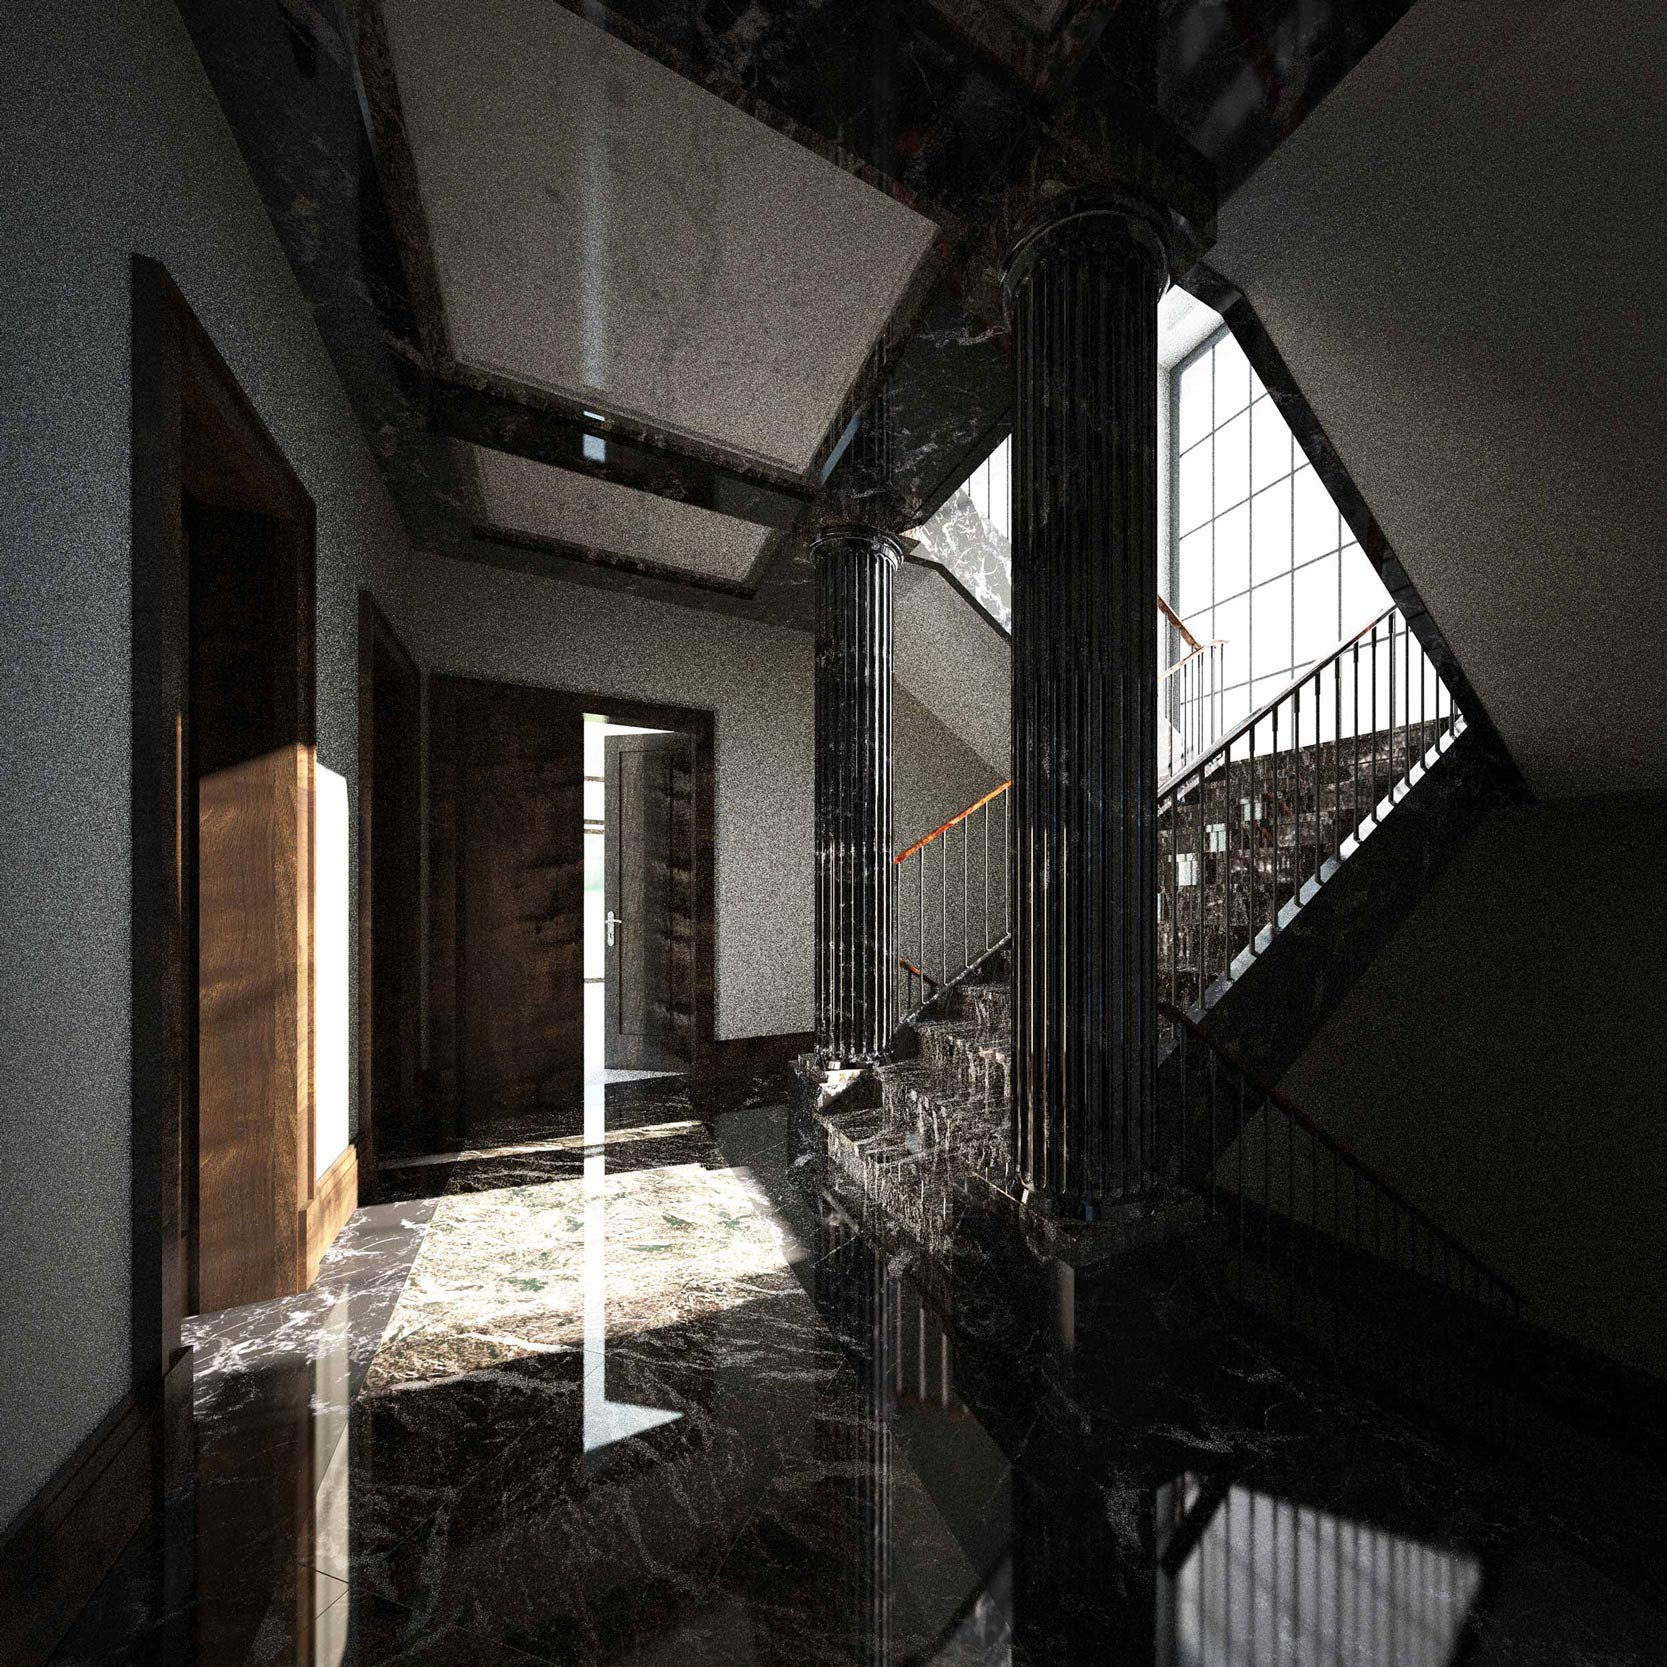 Wohnhaus im Baustil moderner Klassik - Marmorsäulen flankieren im Vestibül den Aufgang auf die Galerie des Obergeschosses.